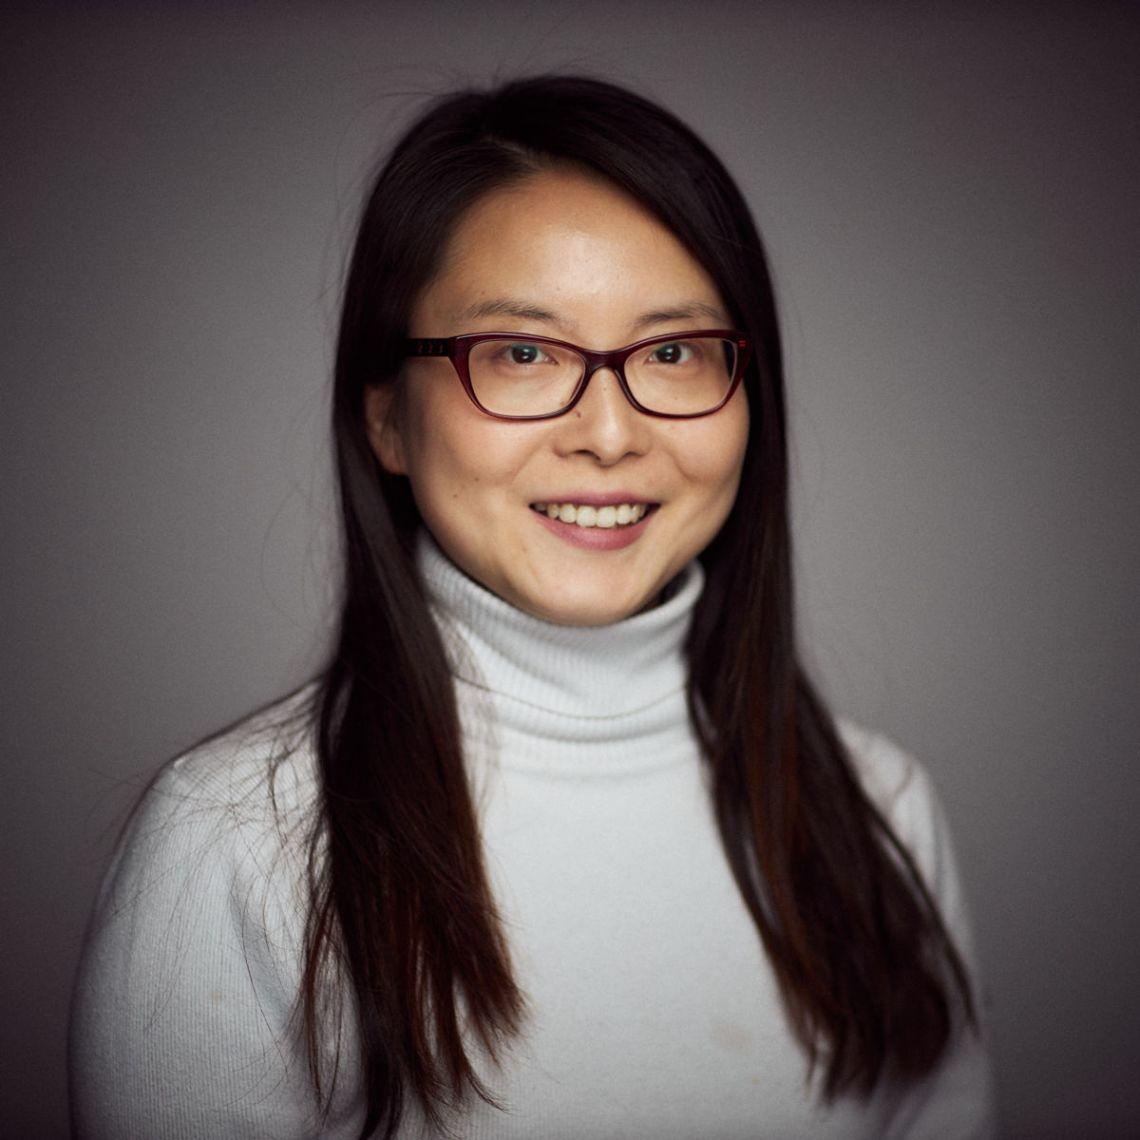 Xiao Wan